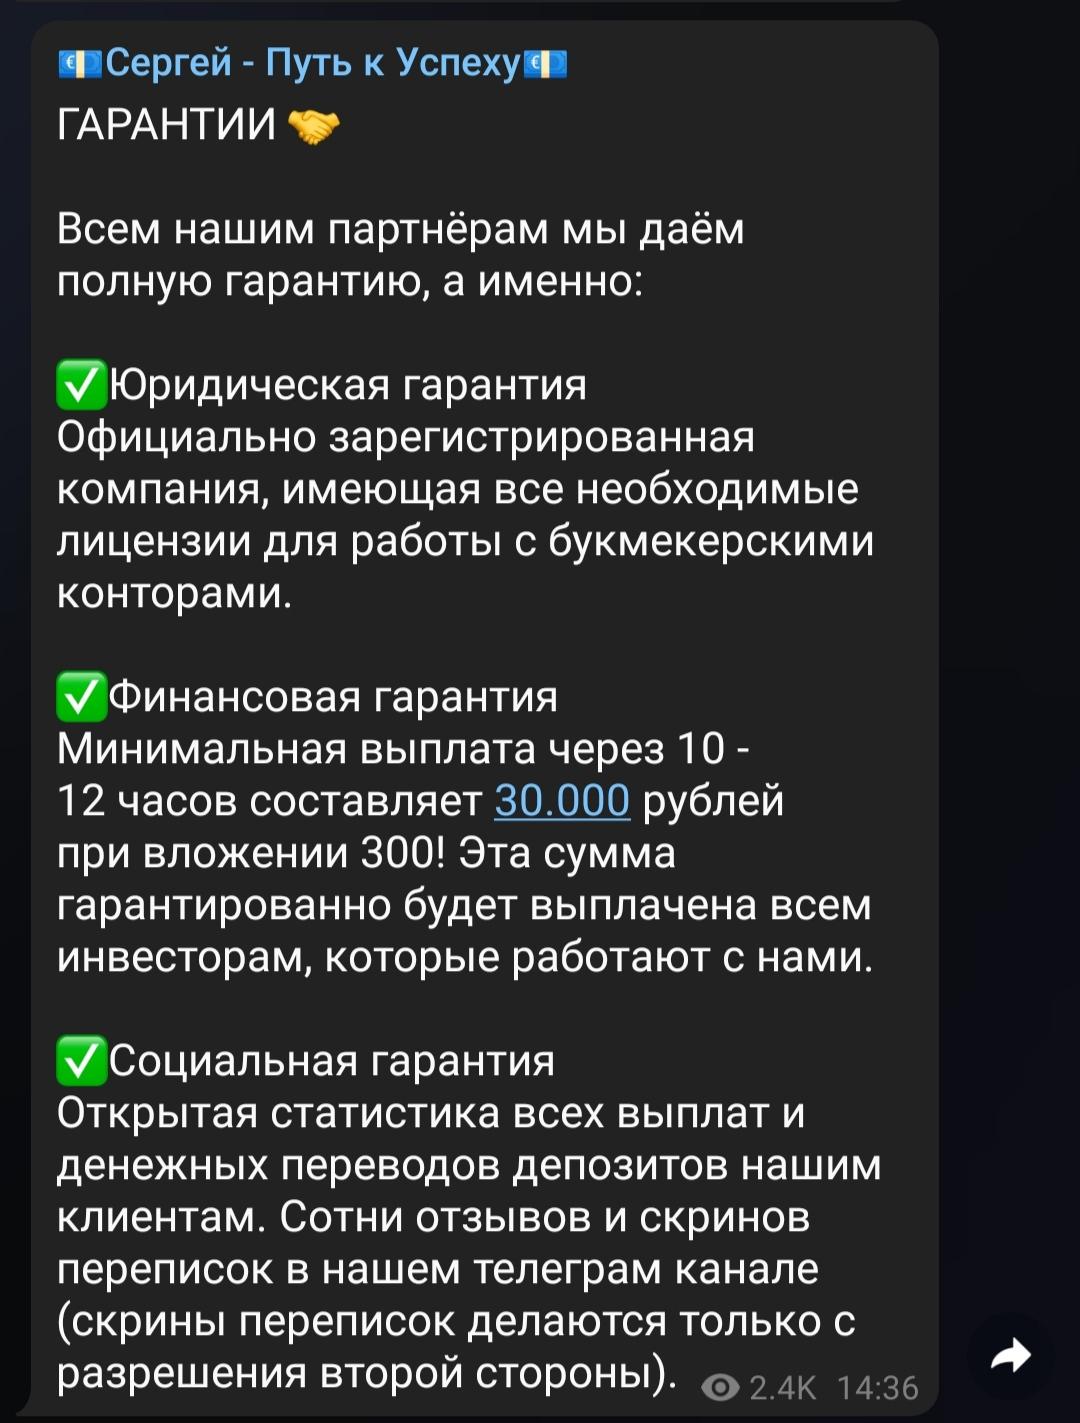 Сергей – Путь к успеху в Телеграмм: гарантии